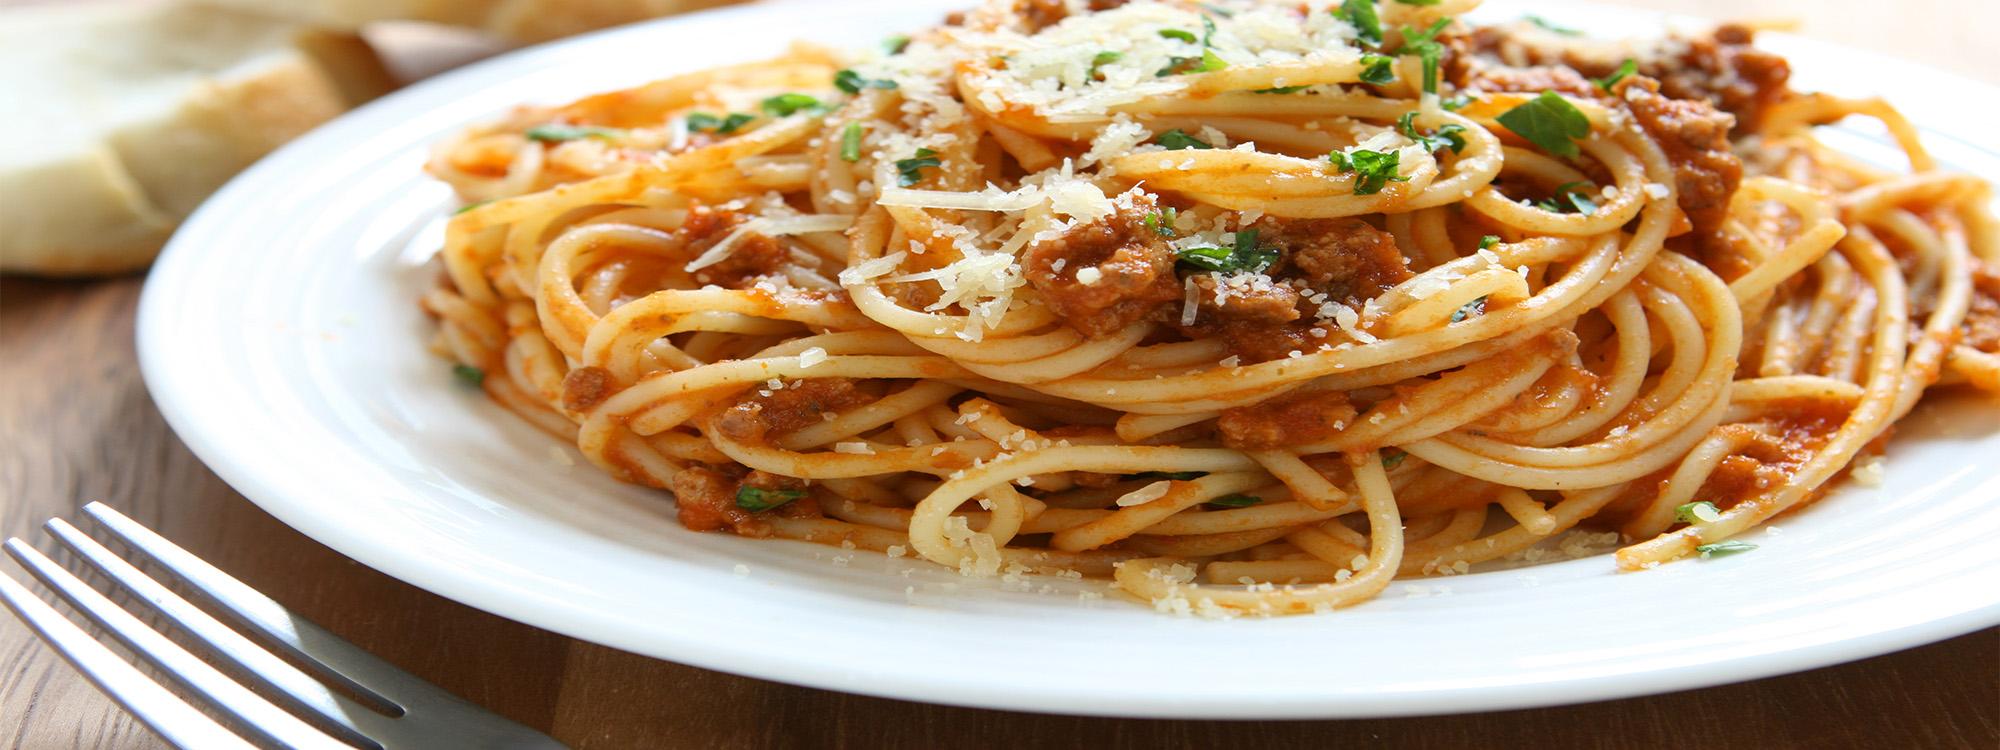 Spaghetti mit 9 verschiedenen Saucen